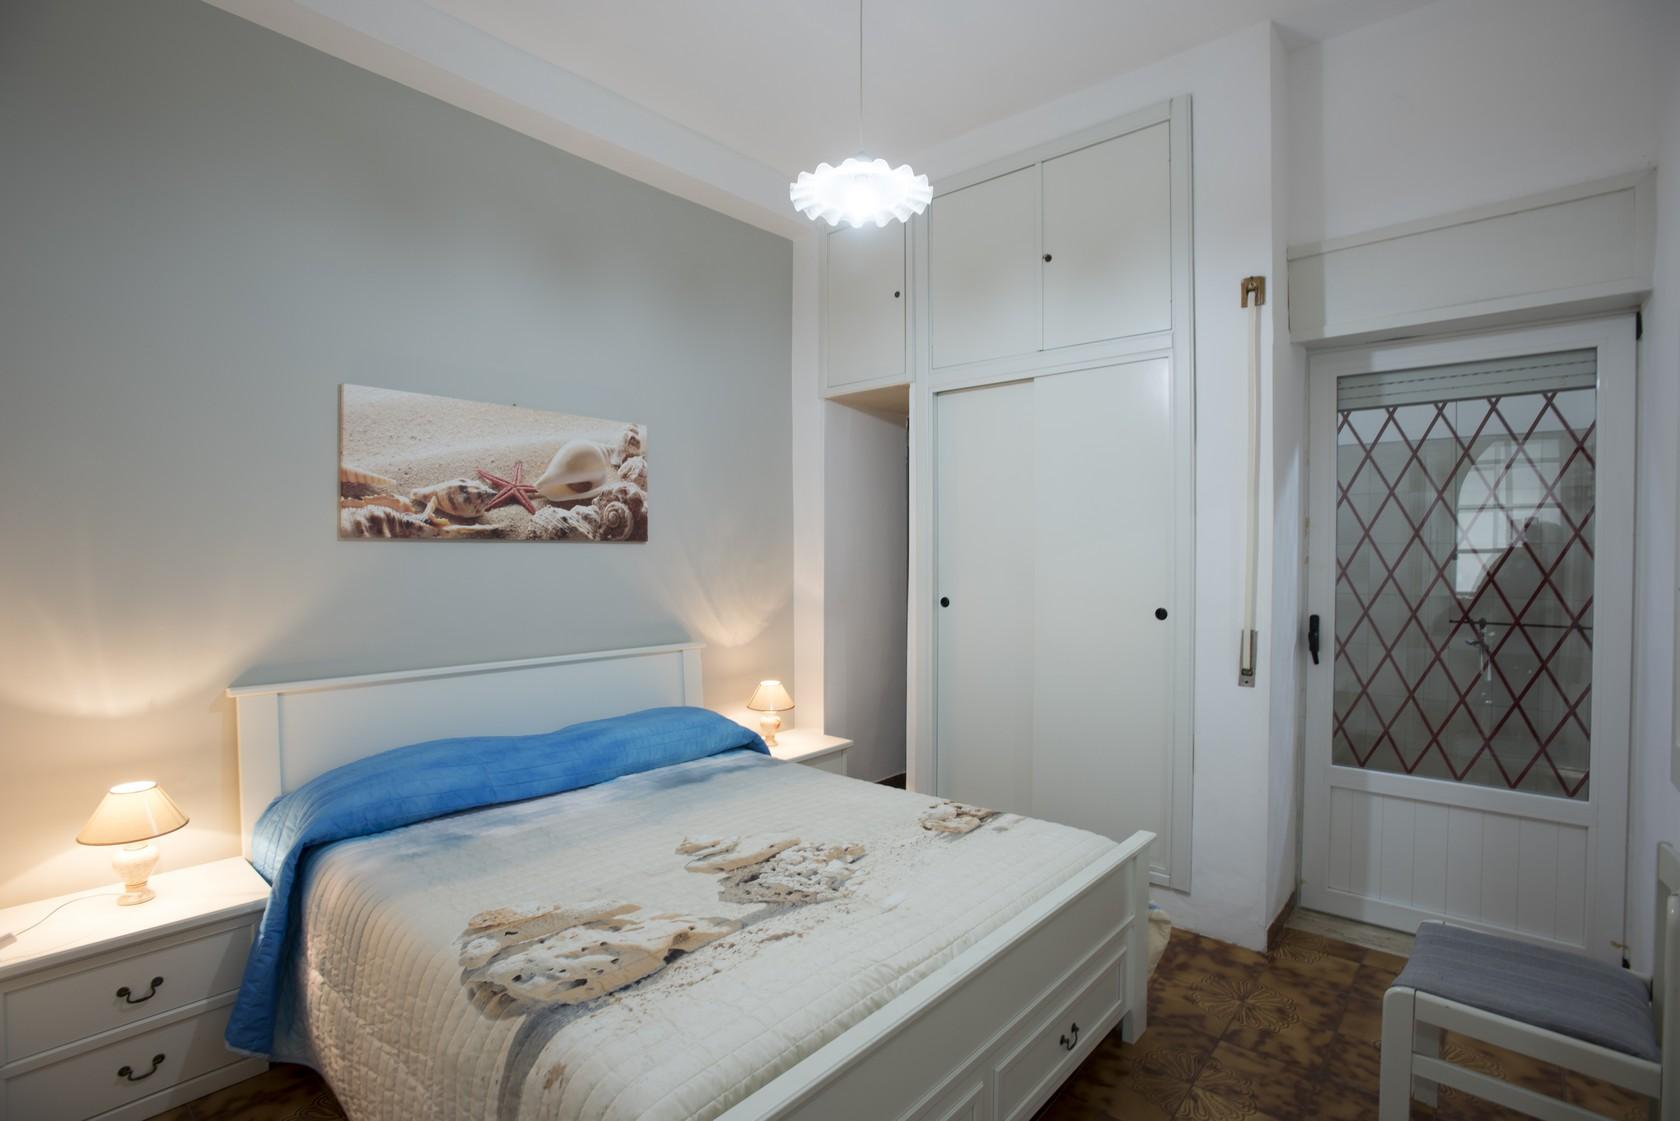 Ferienhaus Villa Desiderio, villa on the beach (2354061), Porto Cesareo, Lecce, Apulien, Italien, Bild 26